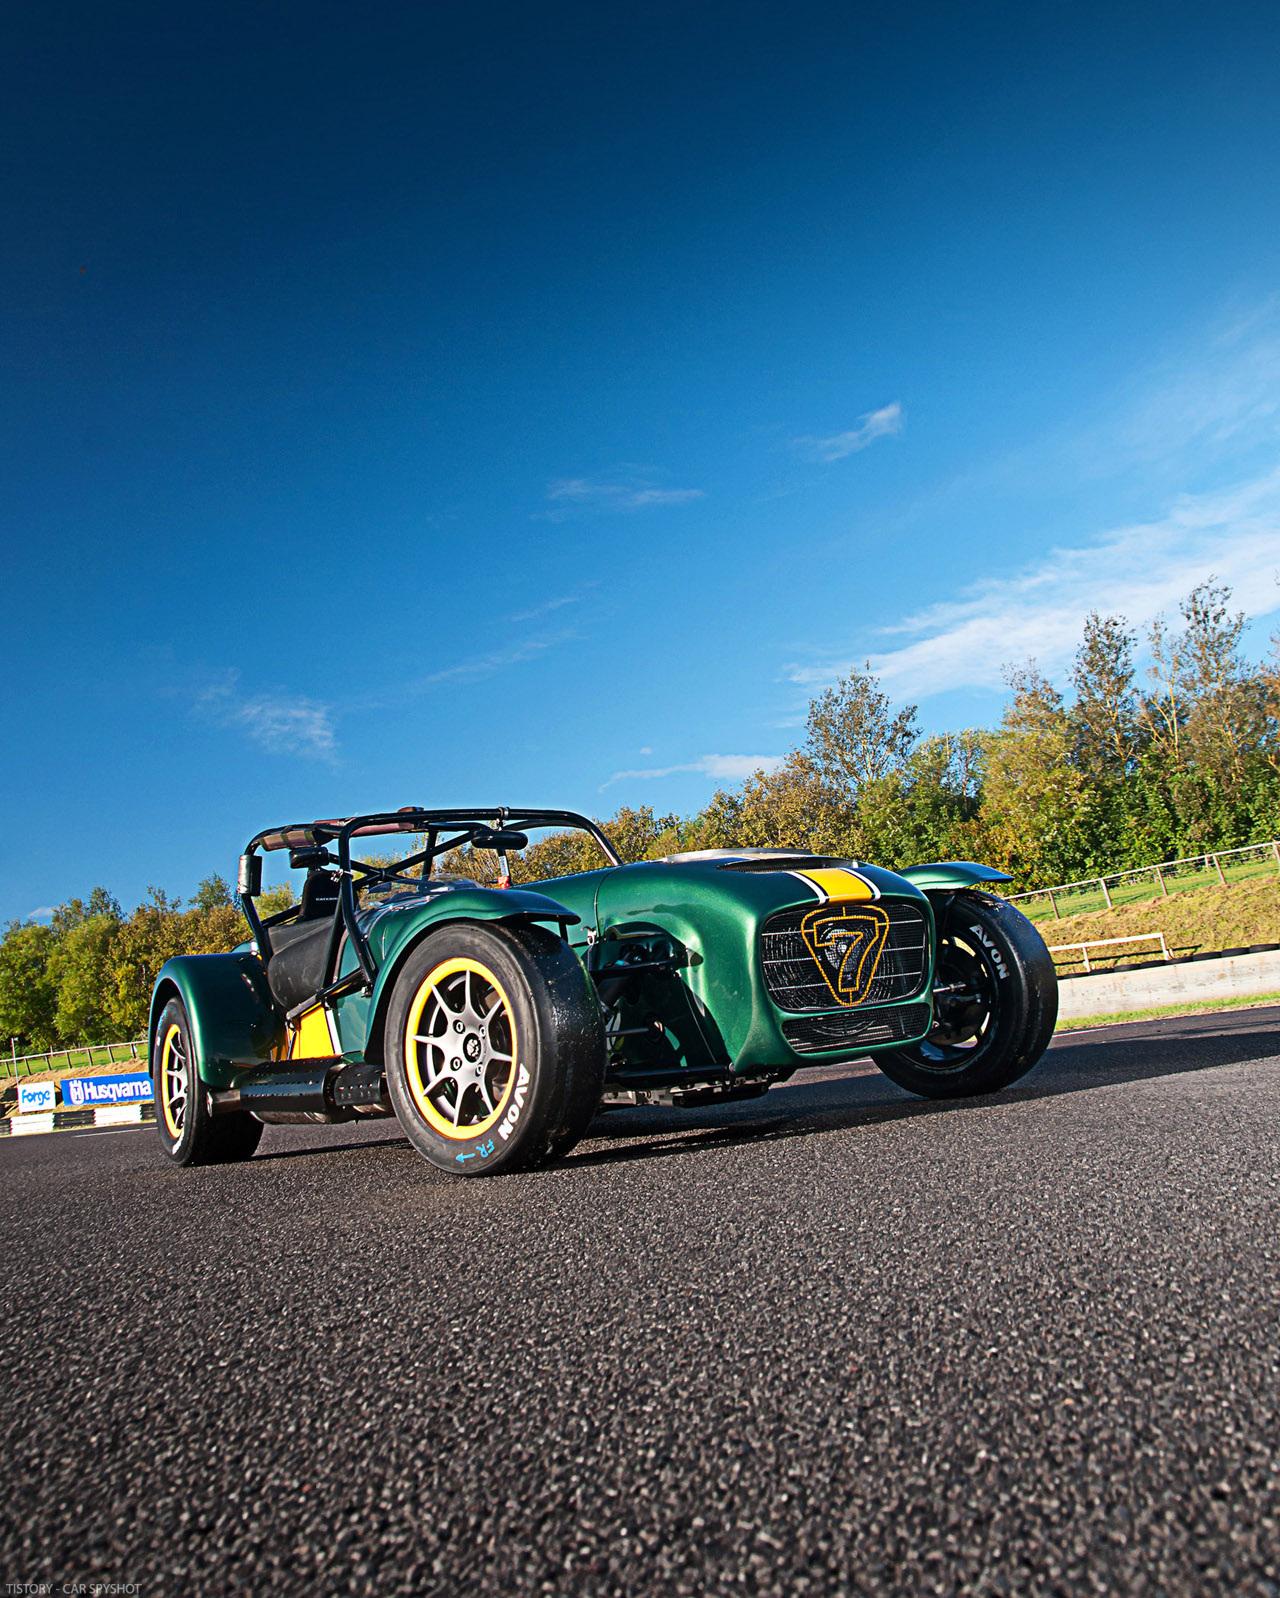 Caterham Sp 300r: 2013 Caterham Superlight R600 :: 카 스파이샷 Car